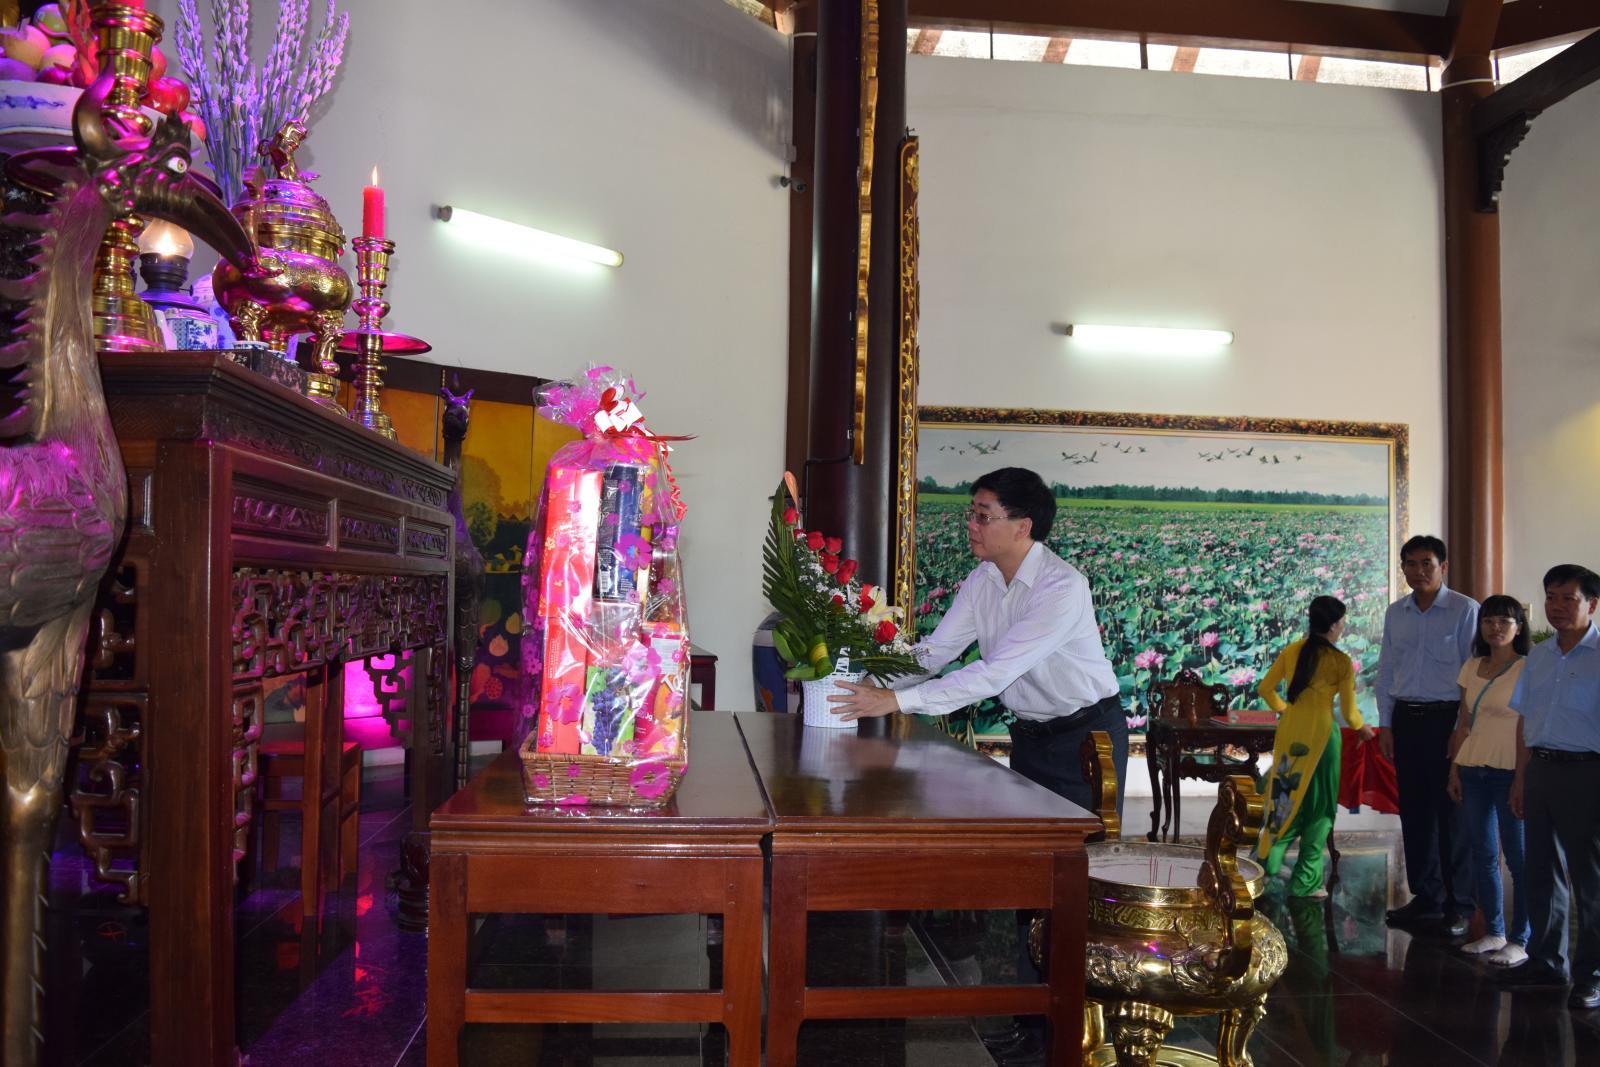 Phó Bí thư Tỉnh ủy Nghệ An – đồng chí Nguyễn Văn Thông viếng mộ cụ Phó bảng Nguyễn Sinh Sắc